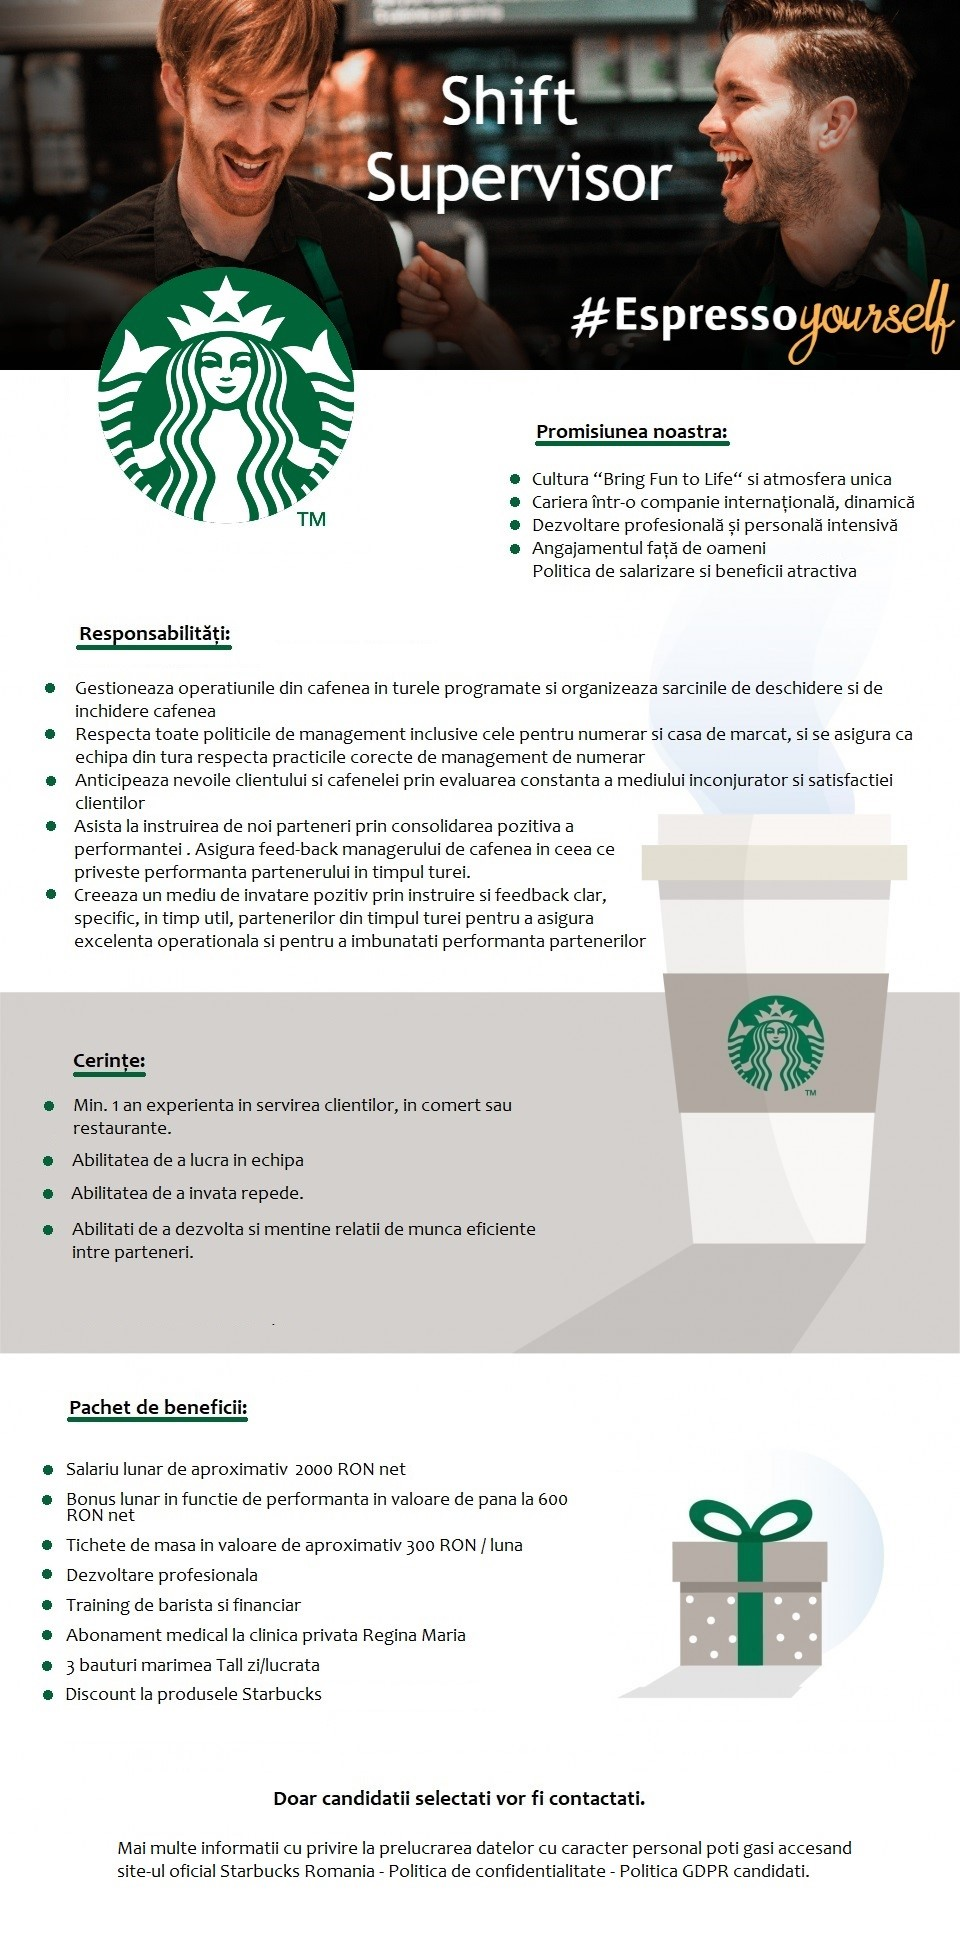 """Fii si tu un Super Partener!  Fii un Super Barista in echipa Starbucks! Responsabilități:  Responsabilitățile includ, dar nu se limitează la:  - Asigura servirea tuturor clienților Starbucks, punând """"clientul pe primul loc"""" si interacționând cu acesta  - Furnizează in permanenta băuturi de calitate, cafea boabe, si produse alimentare de calitate tuturor clienților, respectând toate standardele din punct de vedere al rețetelor si al modului de prezentare  - Contribuie la mediul de lucru pozitiv al echipei  - Contribuie la instruirea noilor parteneri  - Recunoaște si încurajează realizările personale si ale echipei folosind metodele pe care compania le pune la dispoziție. Experiența necesara:  - Experiența nu este necesara. Cerințe:  - Atitudine pozitiva  - Abilitatea de a învață repede  - Puternice abilitați de comunicare si orientare către client  - Abilitate de a lucra in echipa Pachet de beneficii:  -Salariu lunar de 2200 RON brut in primele 6 luni si 2400 RON brut după primele 6 luni  -Tichete de masa in valoare aproximativa de 300 RON / luna  -Bonus lunar in funcție de performanta  -Dezvoltare profesionala  -Training de barista  -Abonament medical la clinica privata Regina Maria  -3 băuturi mărimea Tall zi/lucrata  -1punga cafea/1 cutie de ceai/1 cutie de capsule cafea pe săptămâna  -Discount pentru produsele Starbucks Doar candidatii selectati vor fi contactati. AmRest Holdings SE este cel mai mare operator independent de restaurante și cafenele din Europa Centrală și de Est. Încă din 1993 am construit un portofoliu de branduri puternice pe care le operam, printre care KFC, Pizza Hut, Burger King și Starbucks. AmRest deține un lanț propriu de restaurante – La Tagliatella, și este prezent ca și operator în țări ca Spania, Germania, Franța, Cehia, Slovacia, Romania, Bulgaria, Serbia, SUA și China. Sediul AmRest este localizat în Wroclaw, Polonia. Povestea AmRest a început acum mai bine de 25 de ani cu un vis, vis care a dovedit, prin energia pozitiva a fondatoril"""